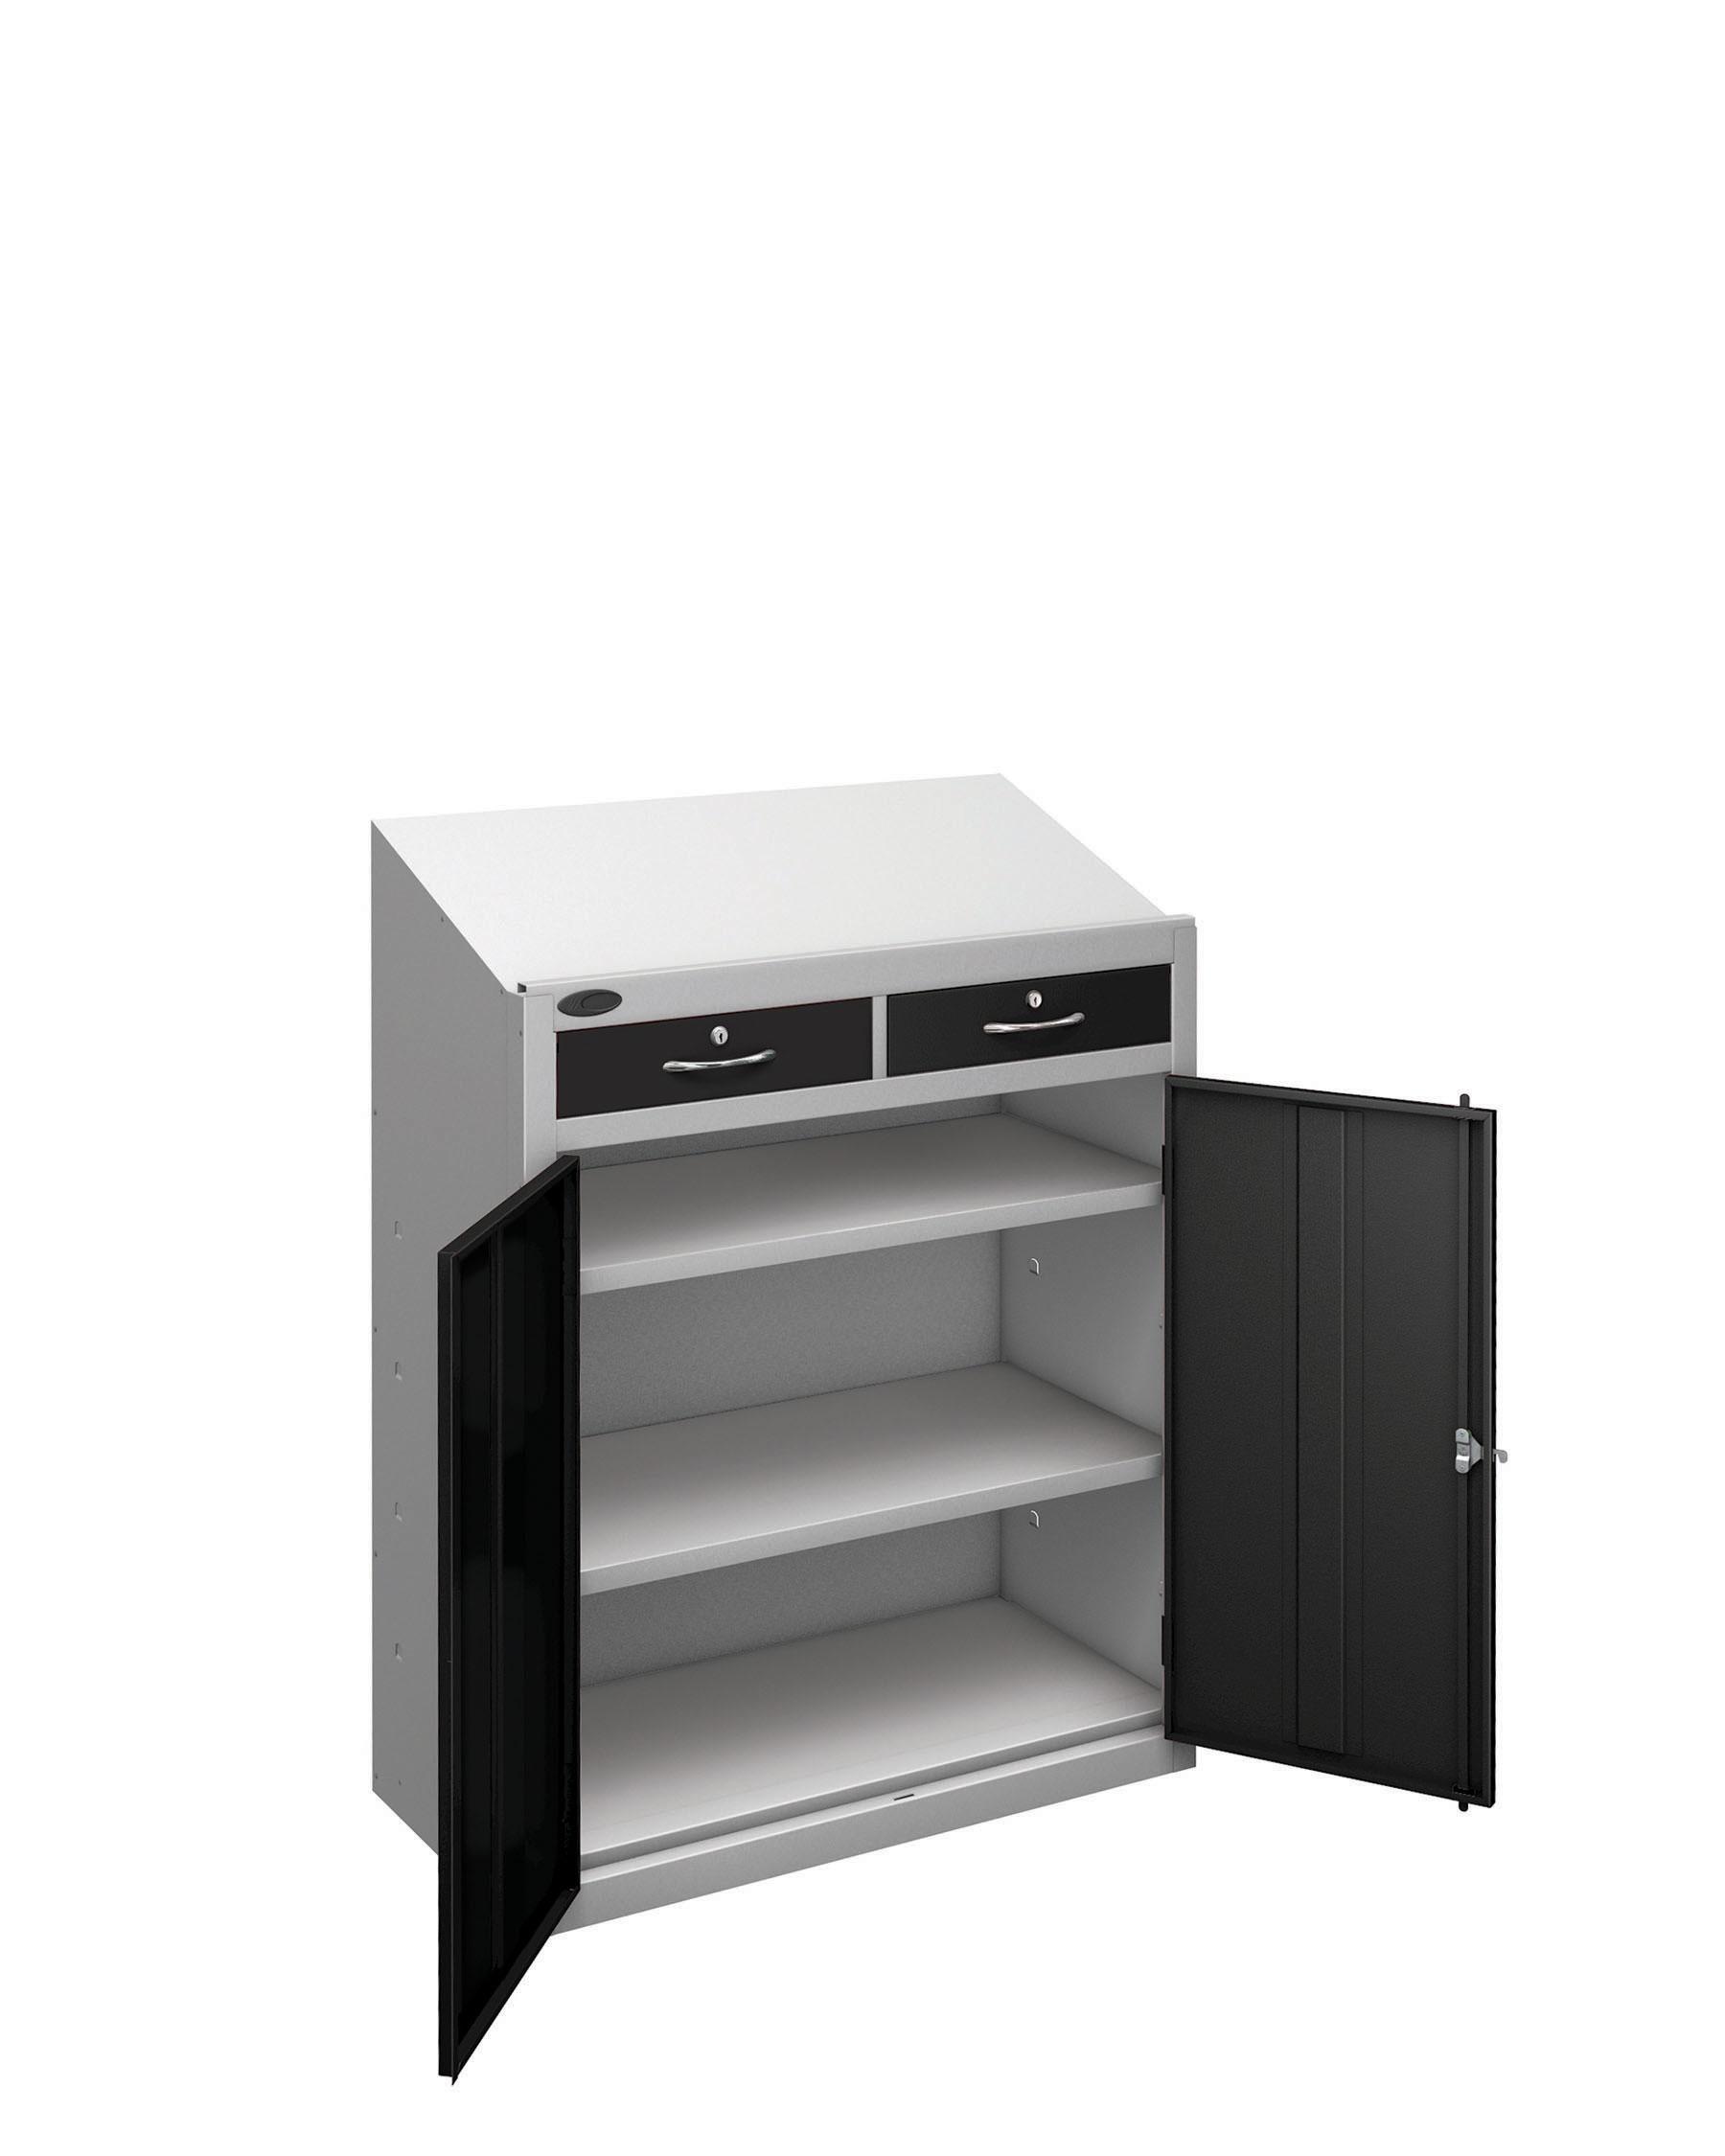 Probe workstation slope drawer black